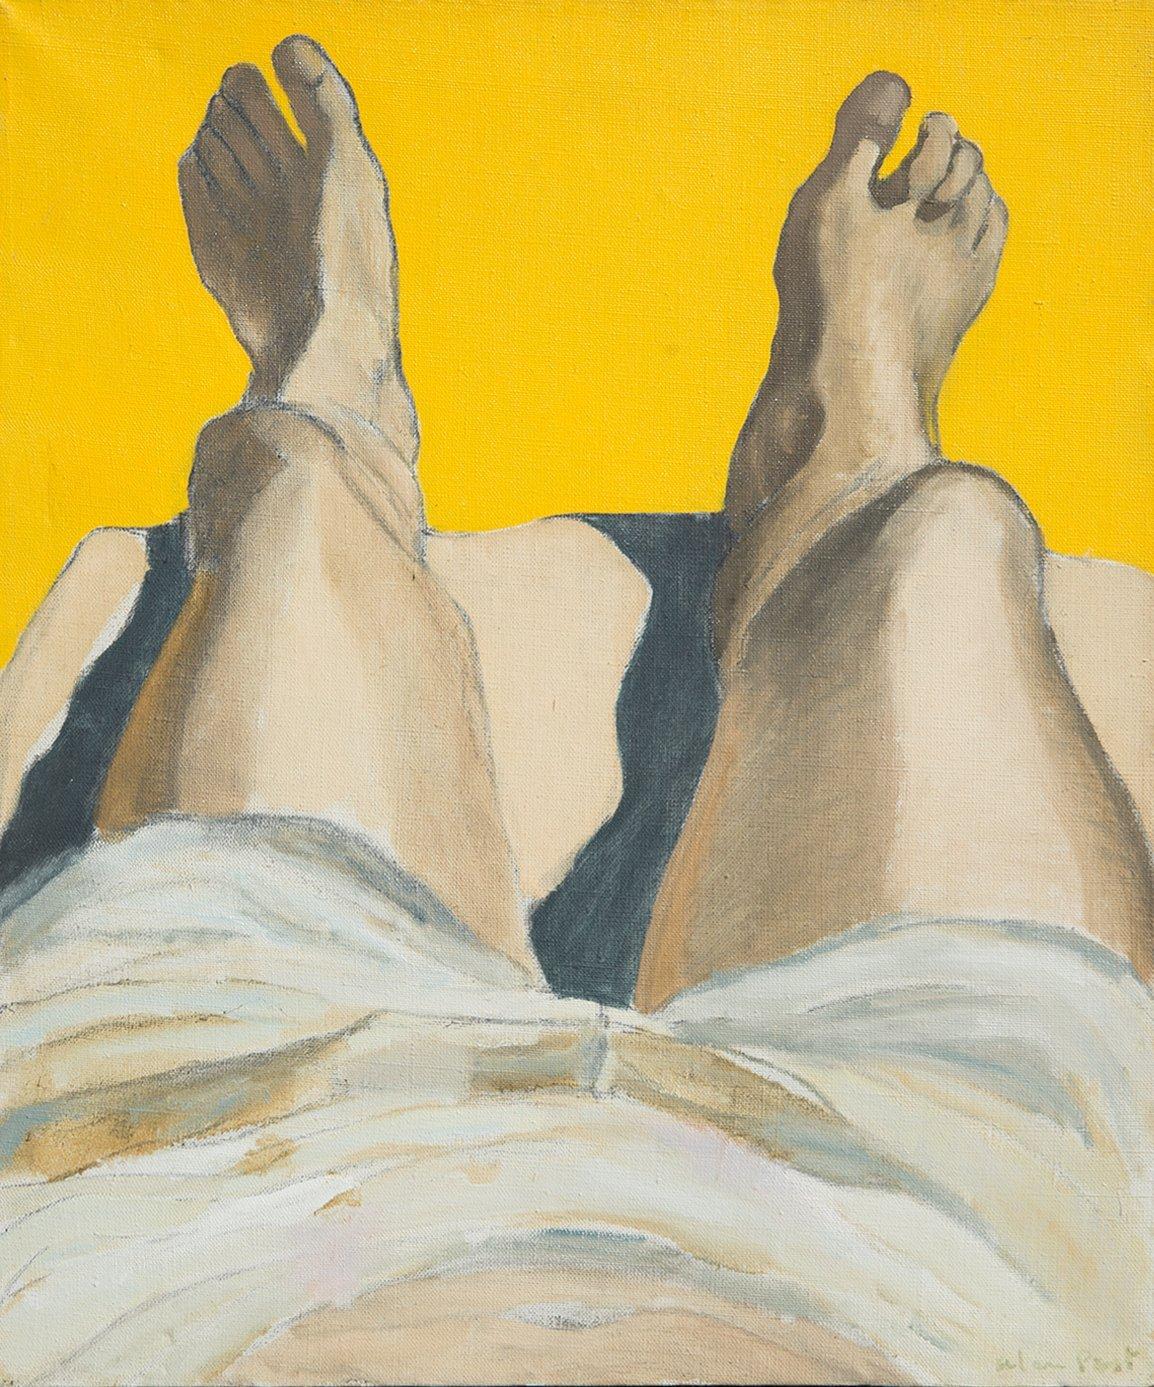 Alan Post, Alan's Legs, 1970